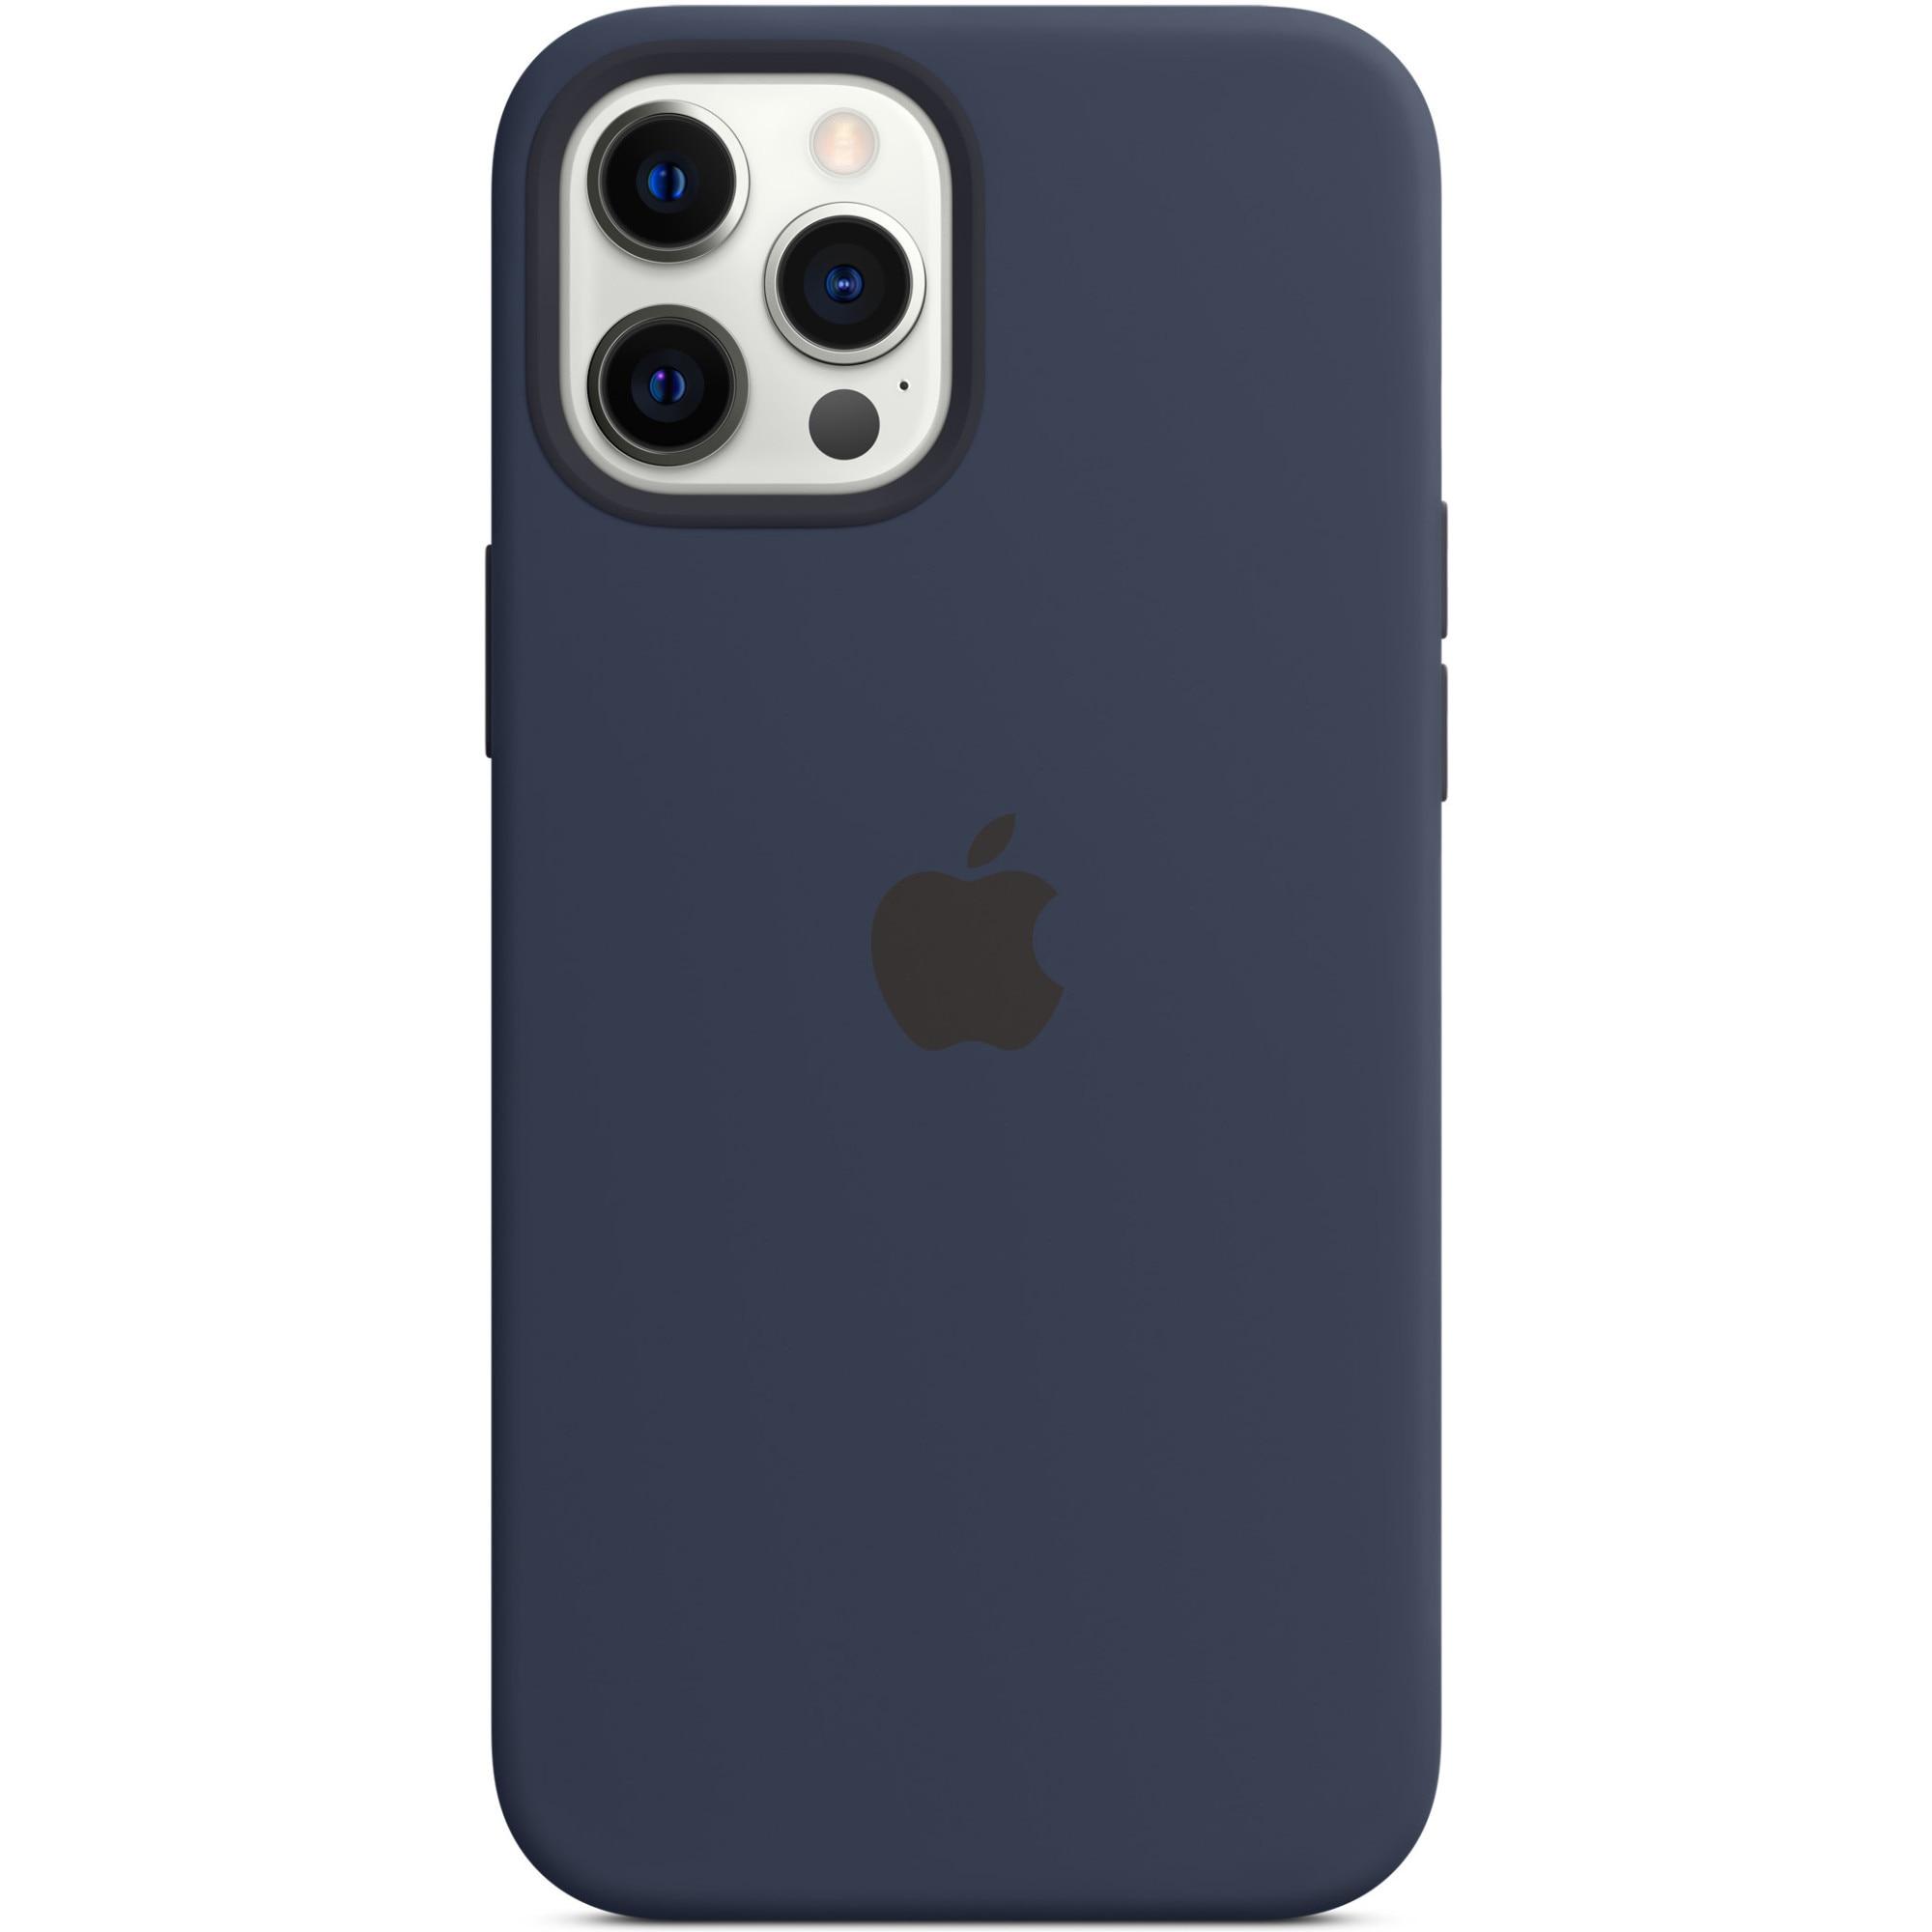 Fotografie Husa de protectie Apple Silicone Case MagSafe pentru iPhone 12 Pro Max, Deep Navy